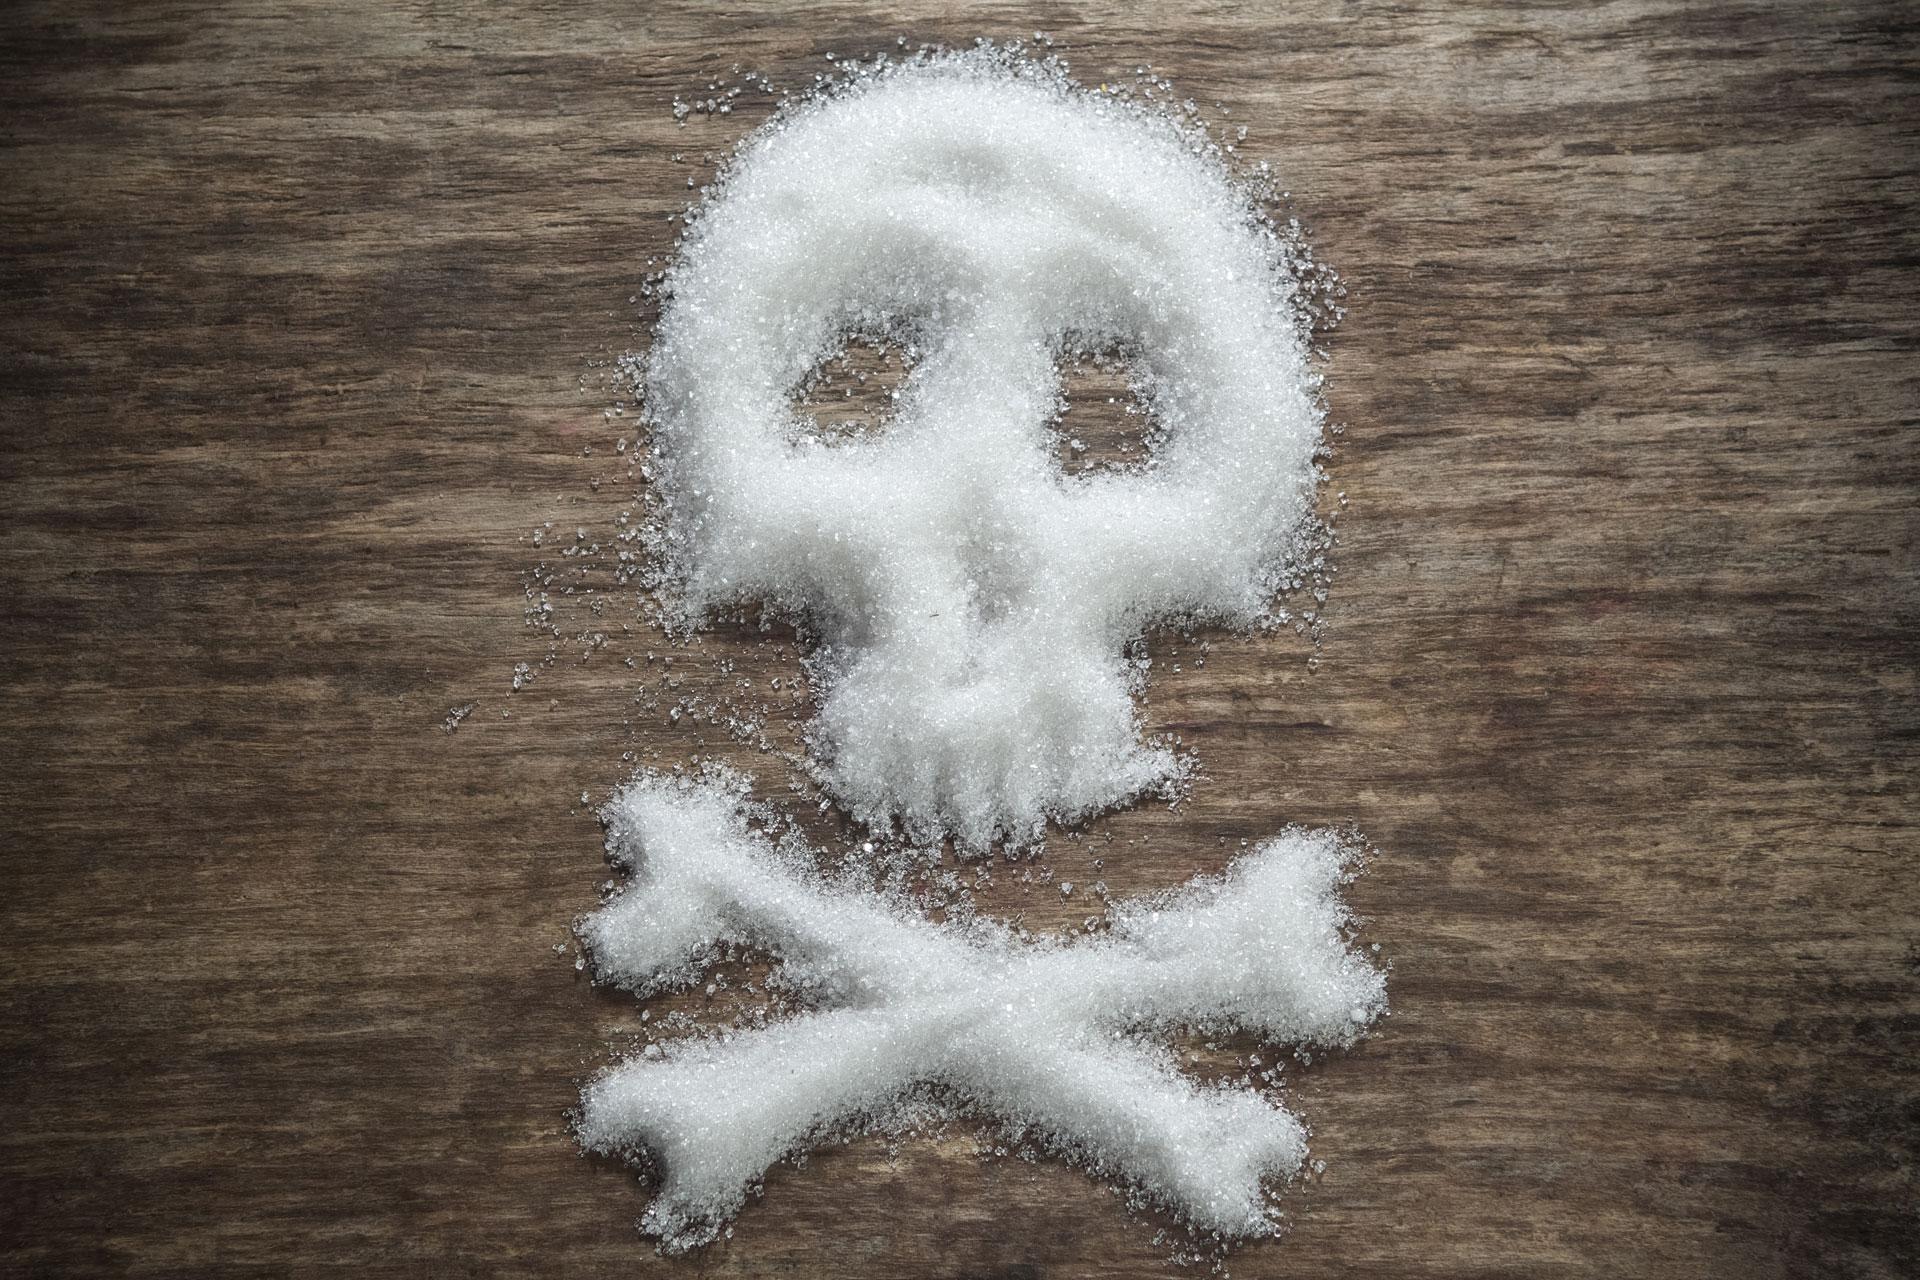 pierdere de grăsime scăzut de zahăr simptome de constipație și pierdere în greutate